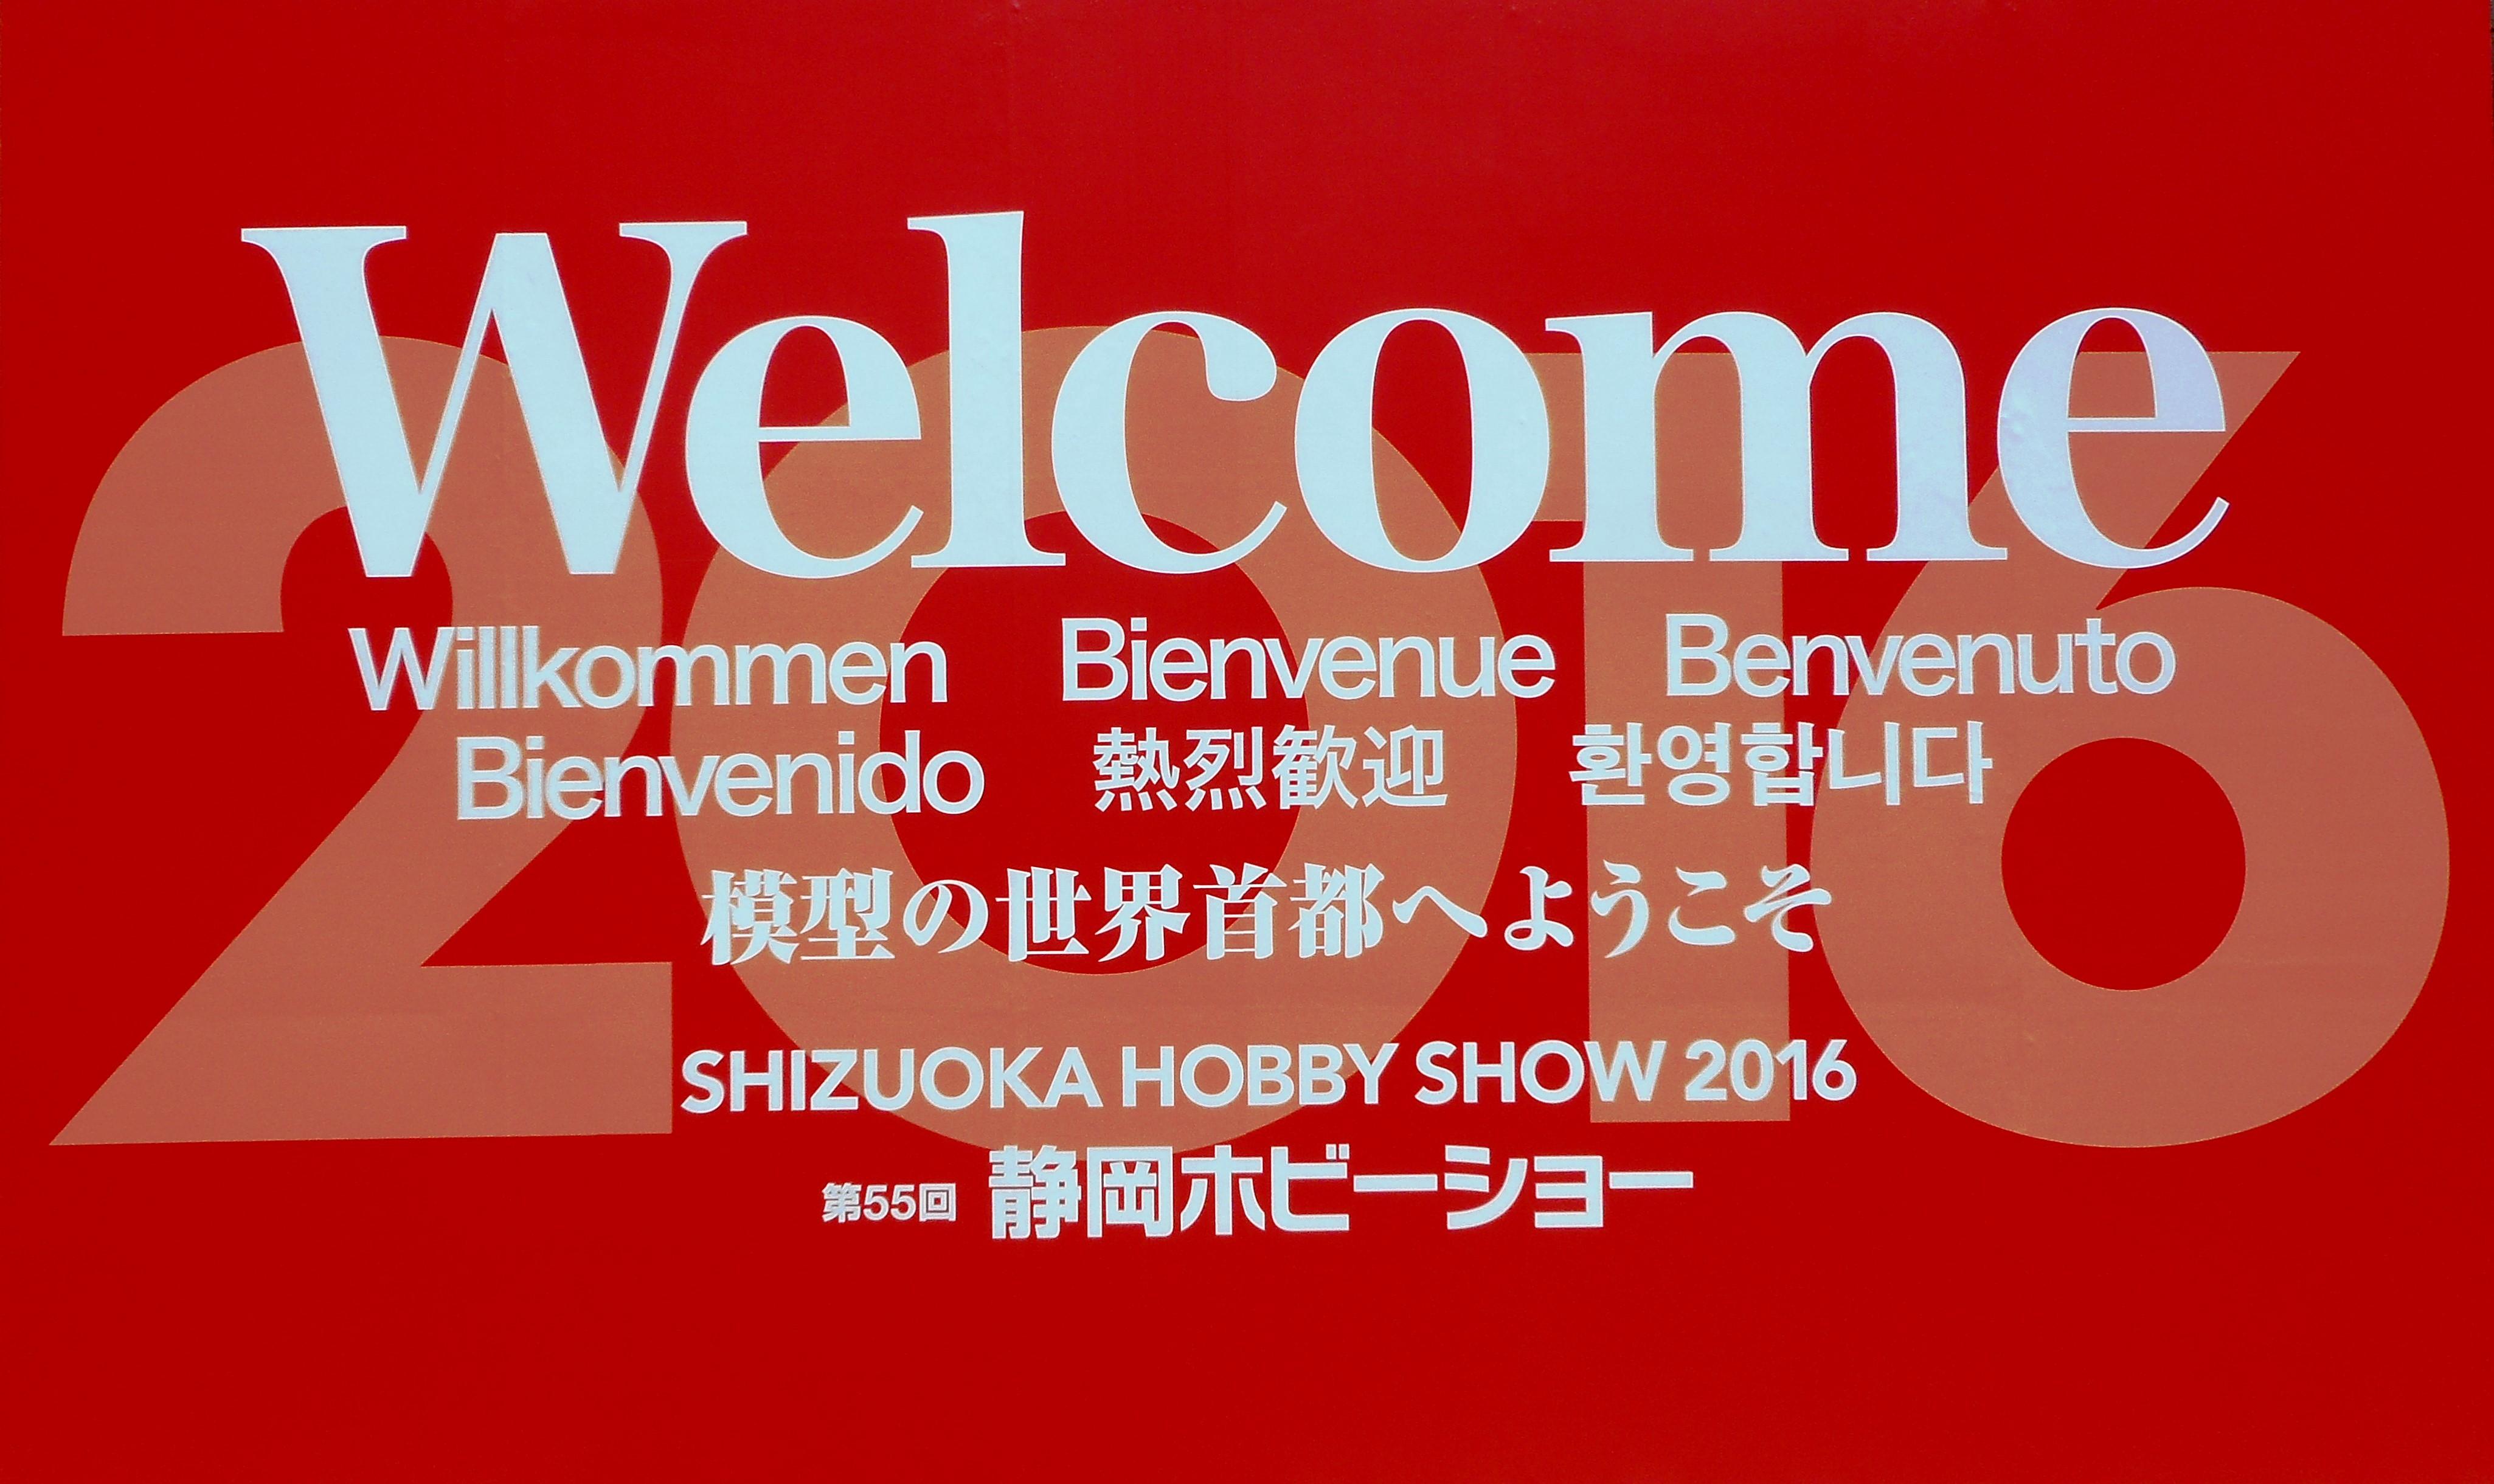 55th Shizuoka Hobby Show 2016